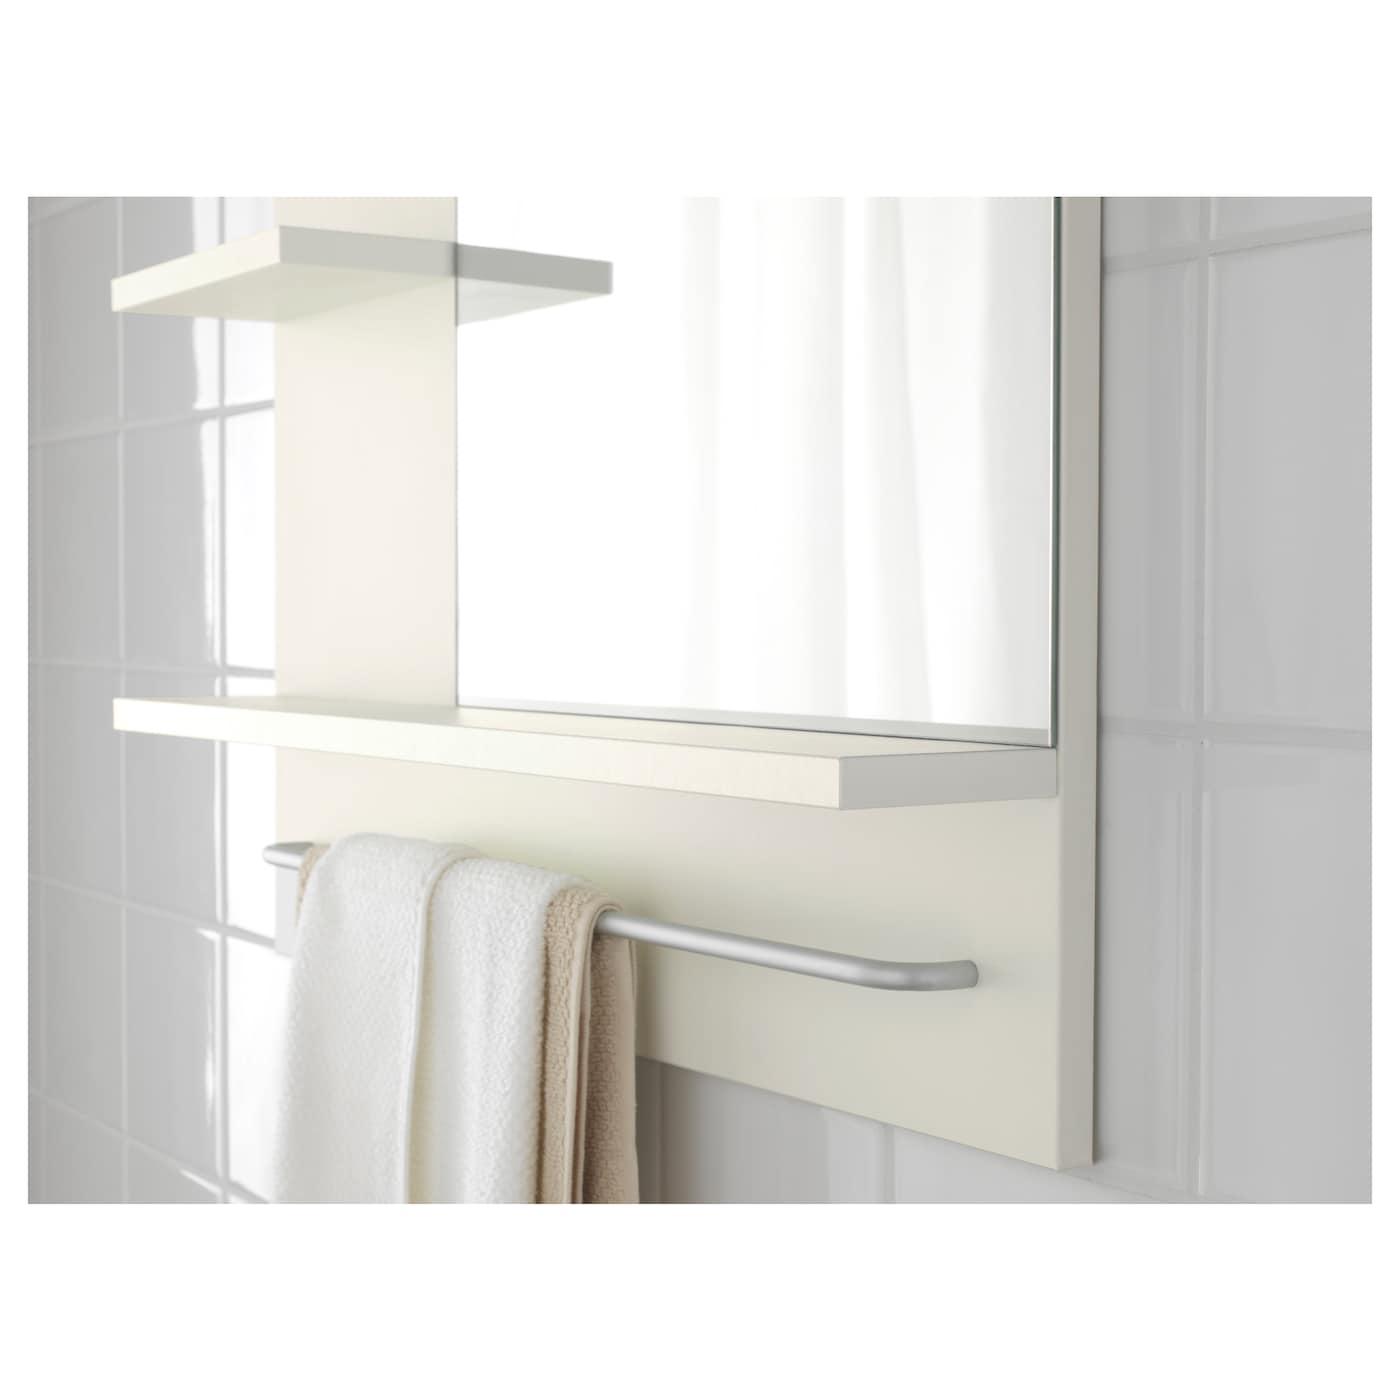 Lill ngen miroir blanc 60x11x78 cm ikea for Miroir blanc ikea